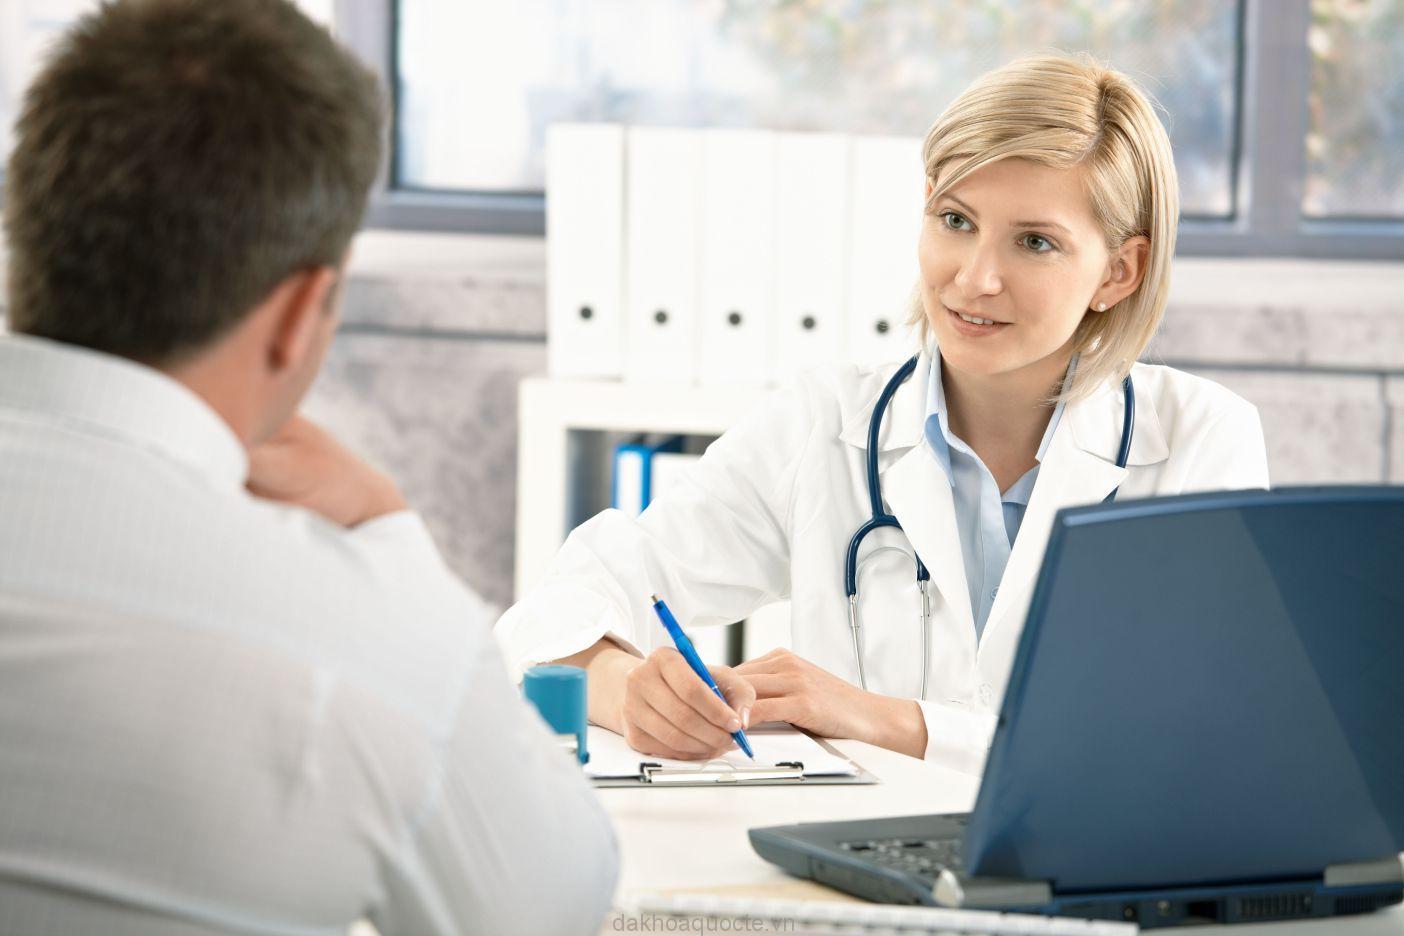 Giai đoạn thăm khám ban đầu rất quan trọng trong phác đồ điều trị bệnh liệt dương